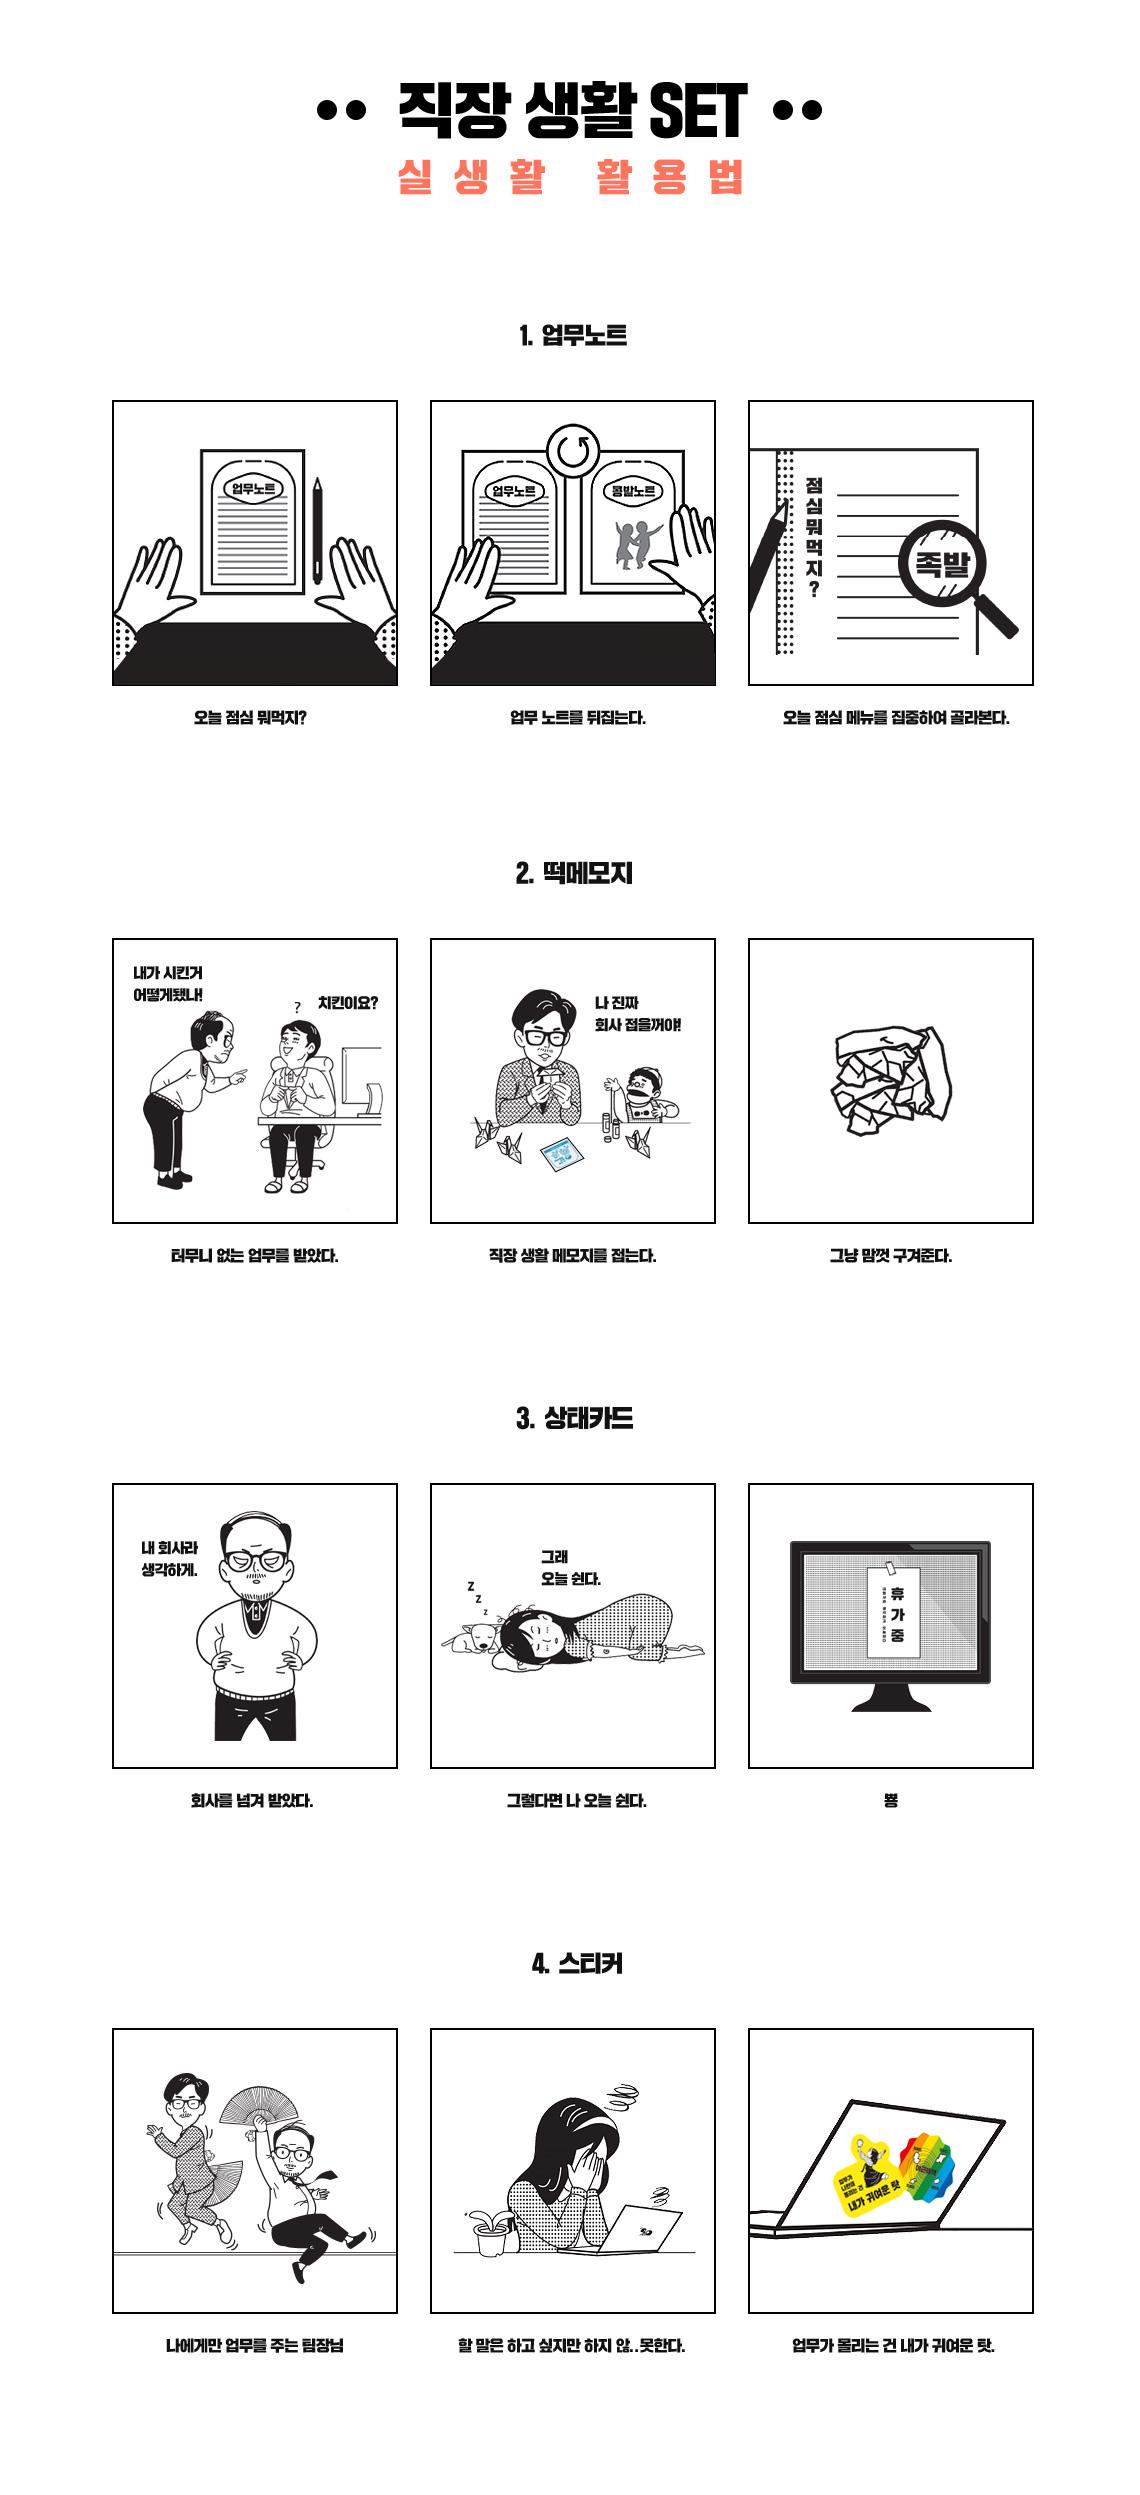 1. 업무노트 2. 떡메모지 3. 상태카드 4. 스티커